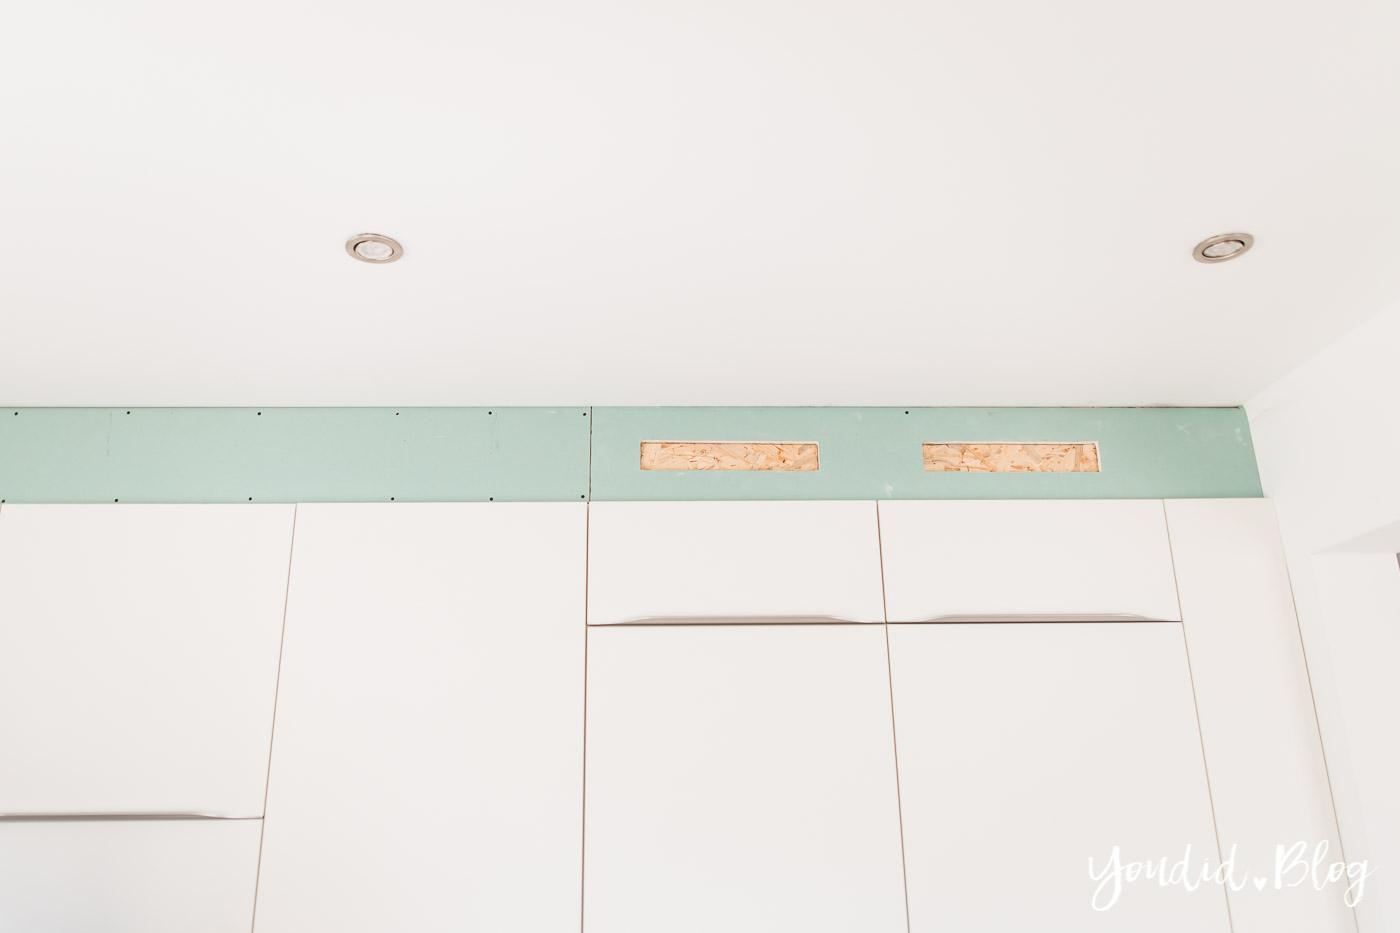 Küchenschränke verkoffern Küchenschrankwand abkoffern Küchenhochschränke mit Trockenbau verkleiden und Lichtkonzept in der Küche Bauanleitung | https://youdid.blog